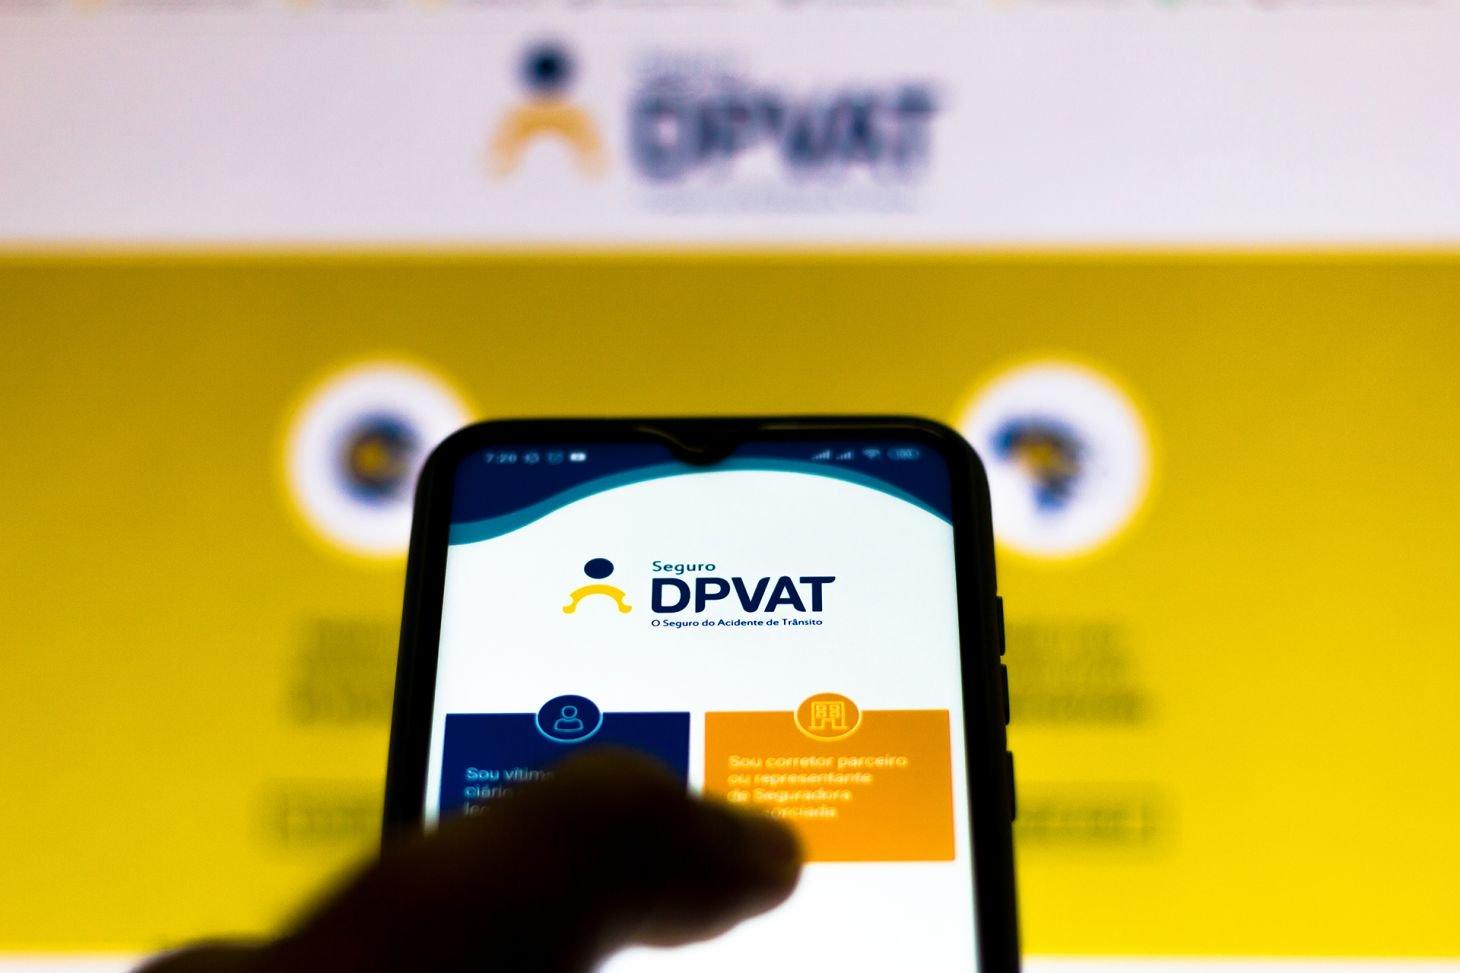 imagem em celular mostra aplicativo do seguro dpvat para celular com imagem do site no fundo